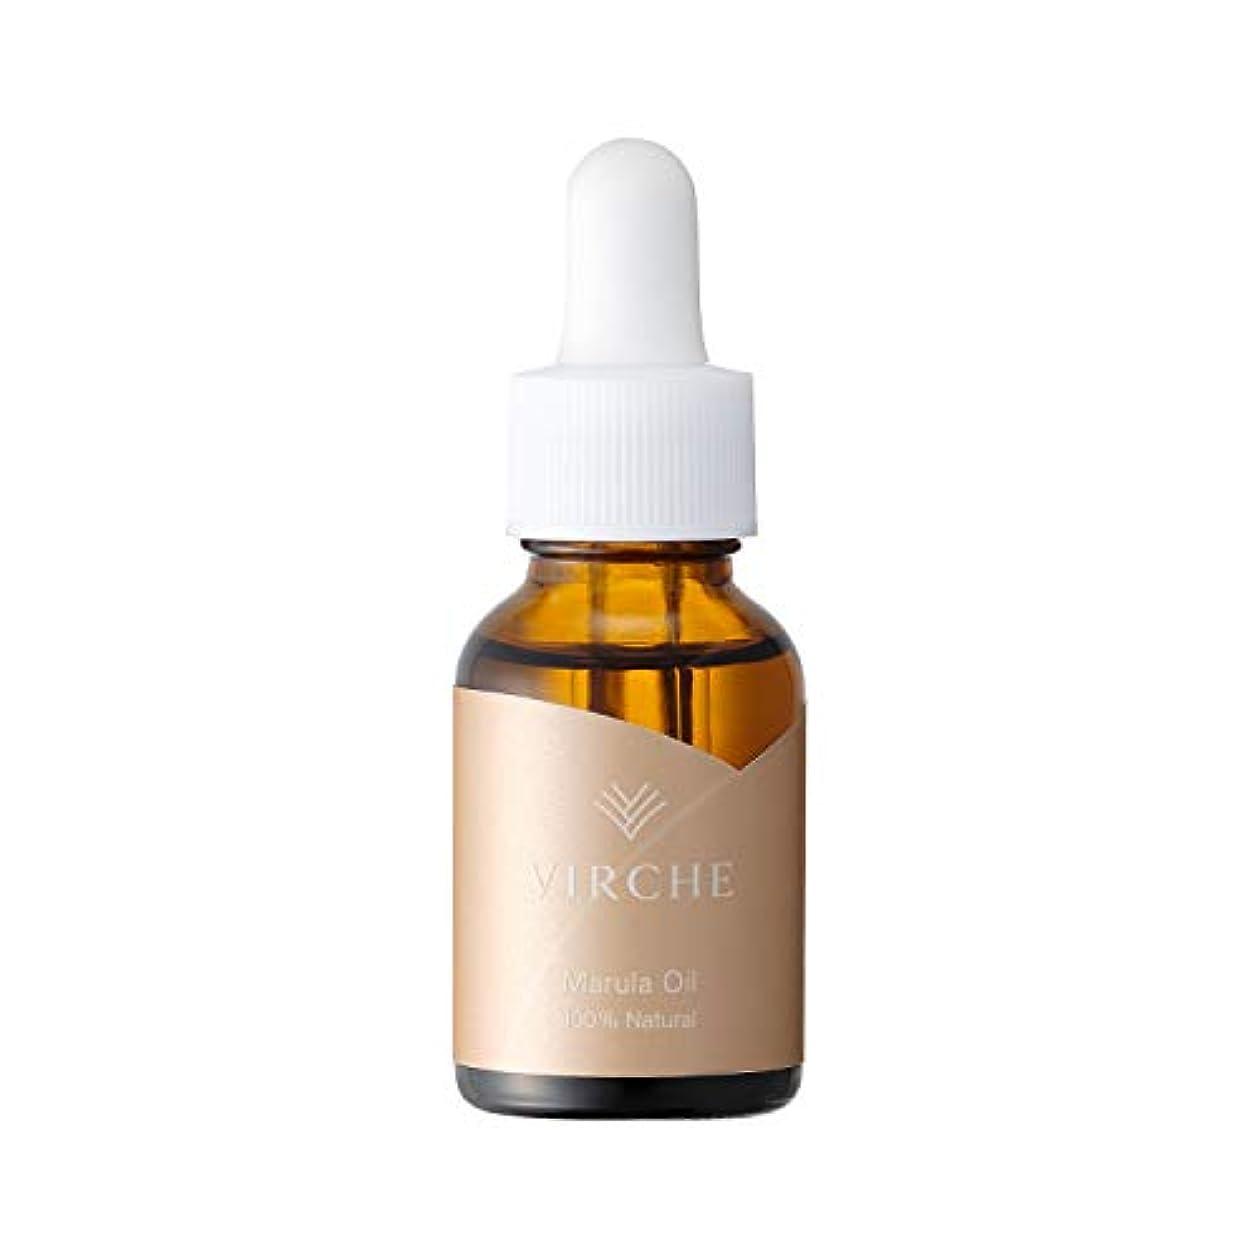 フォージ除去ジョージハンブリーマルラオイル(Marula Oil)国内で品質管理/無香料/防腐剤、香料、着色料すべて無添加の美容オイル/18ml(髪など全身に使えて約30日分)